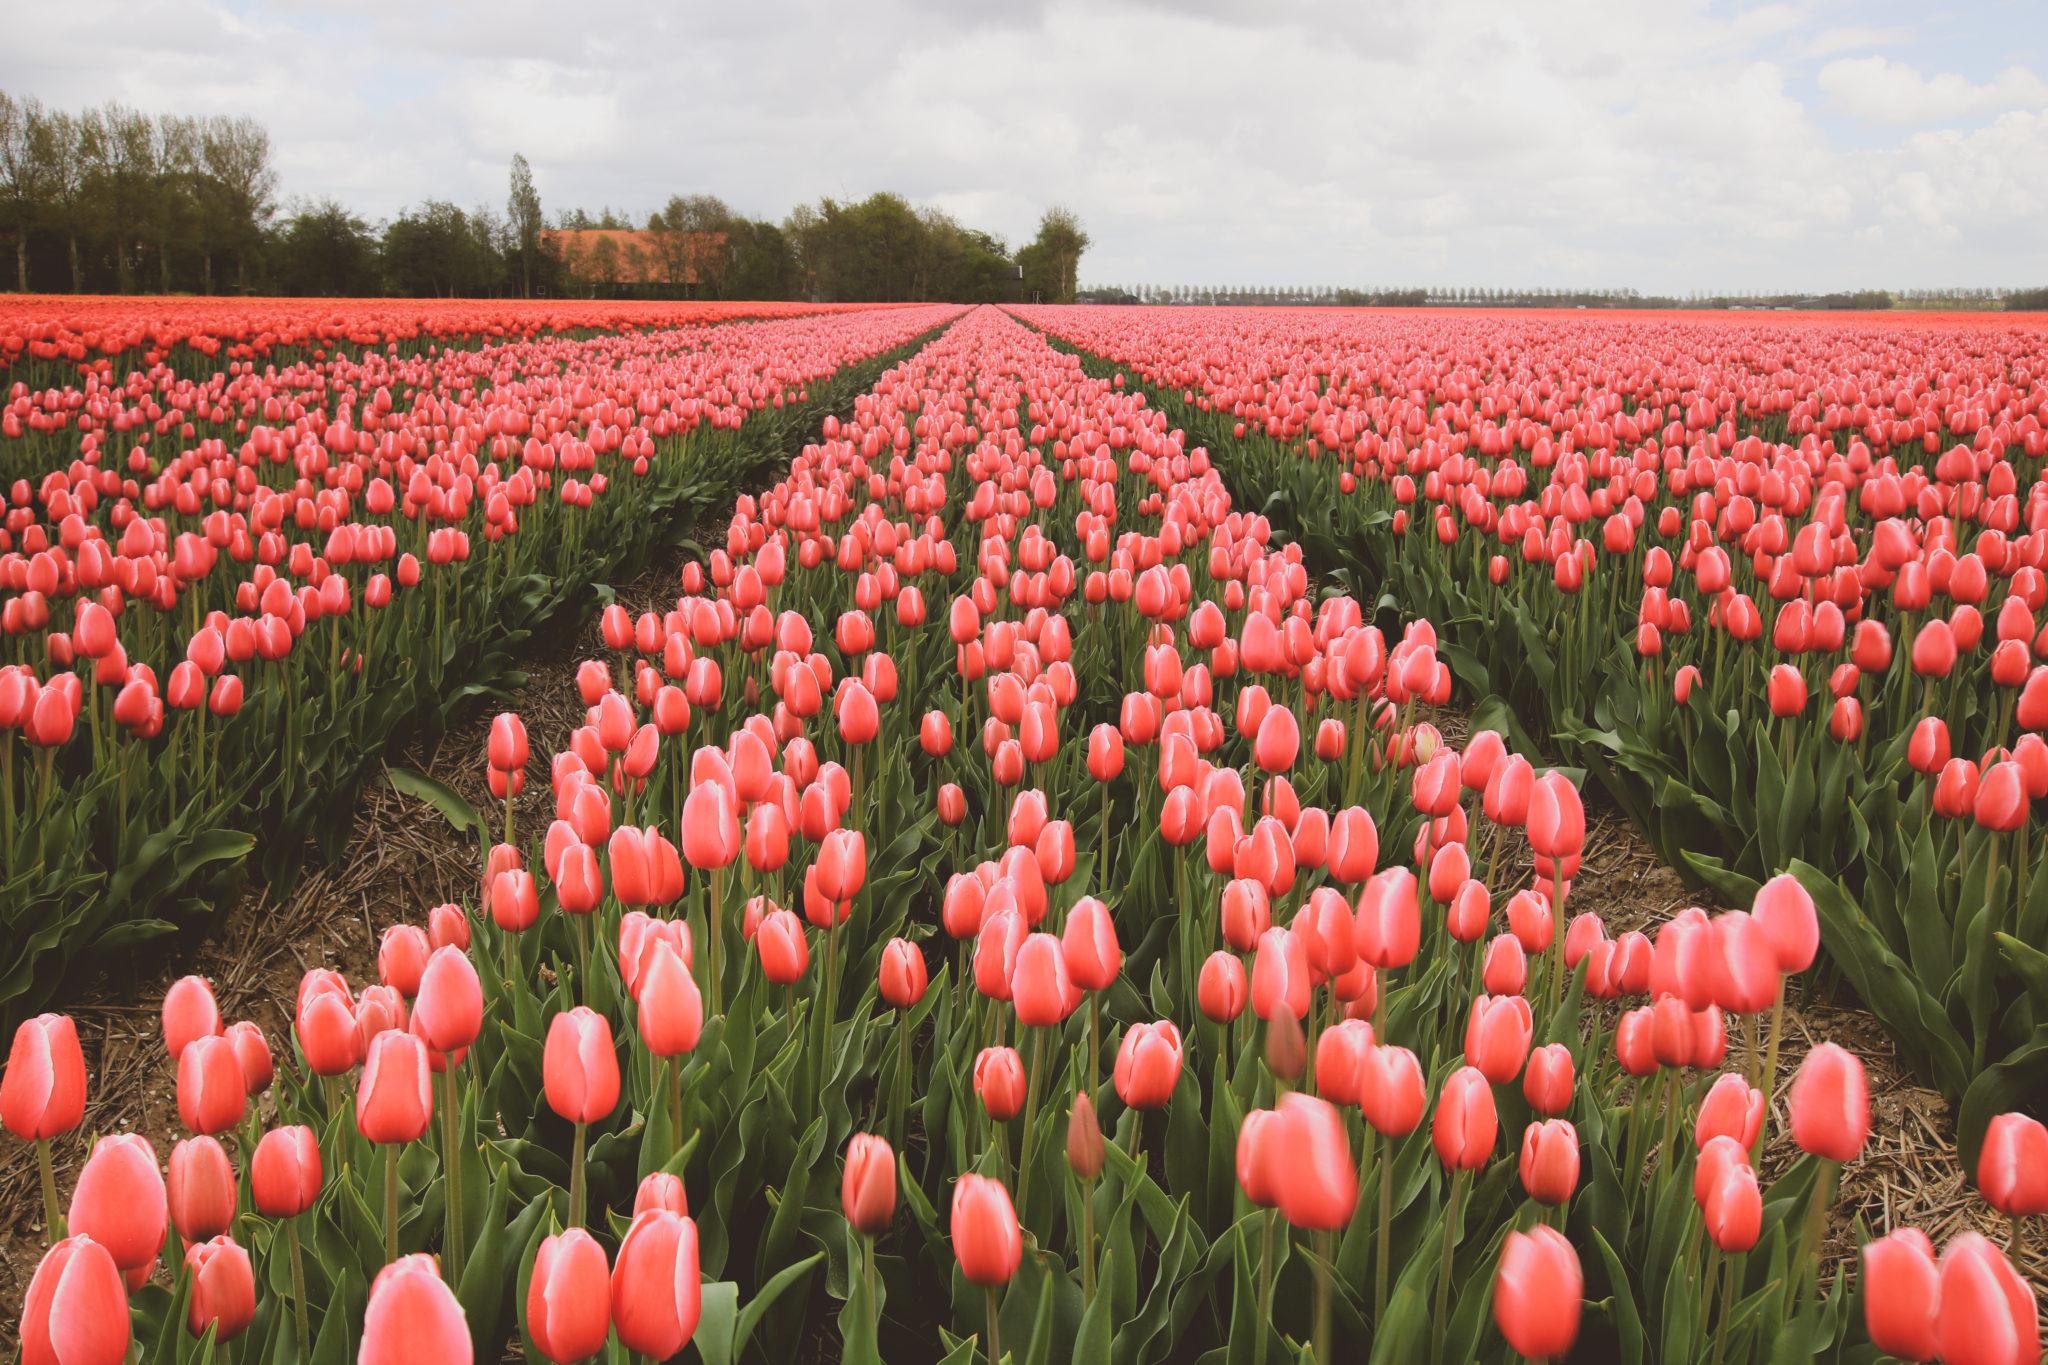 champ de tulipes roses aux Pays-bas